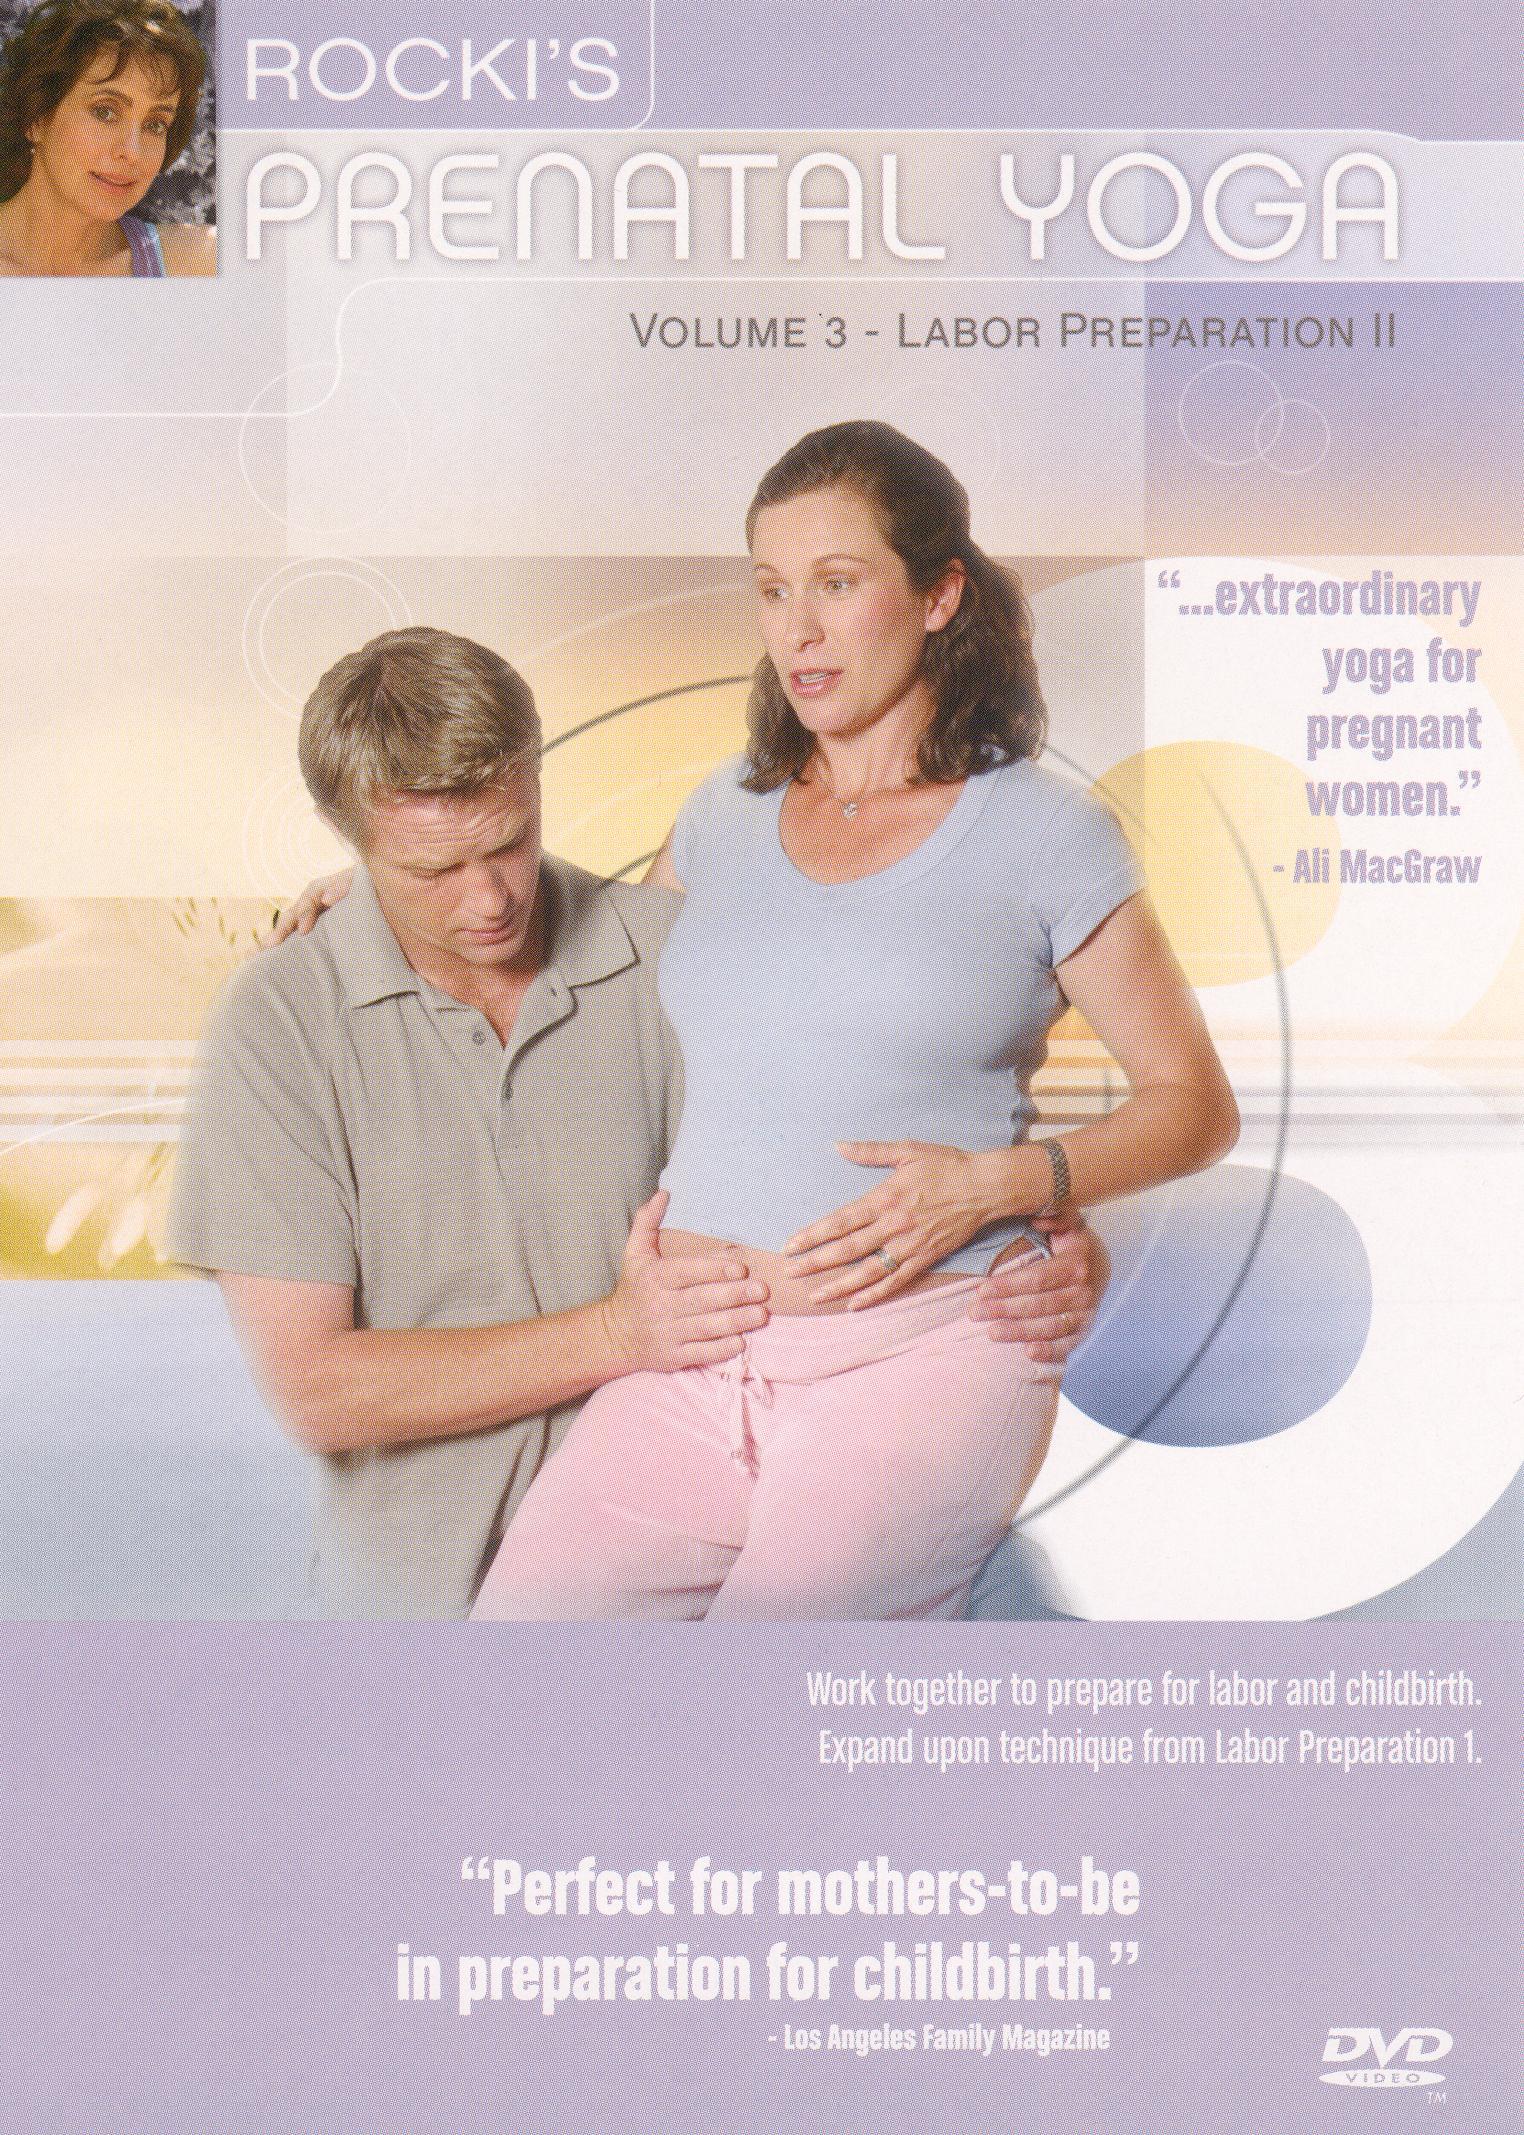 Rocki's Prenatal Yoga, Vol. 3: Labor Preparation 2